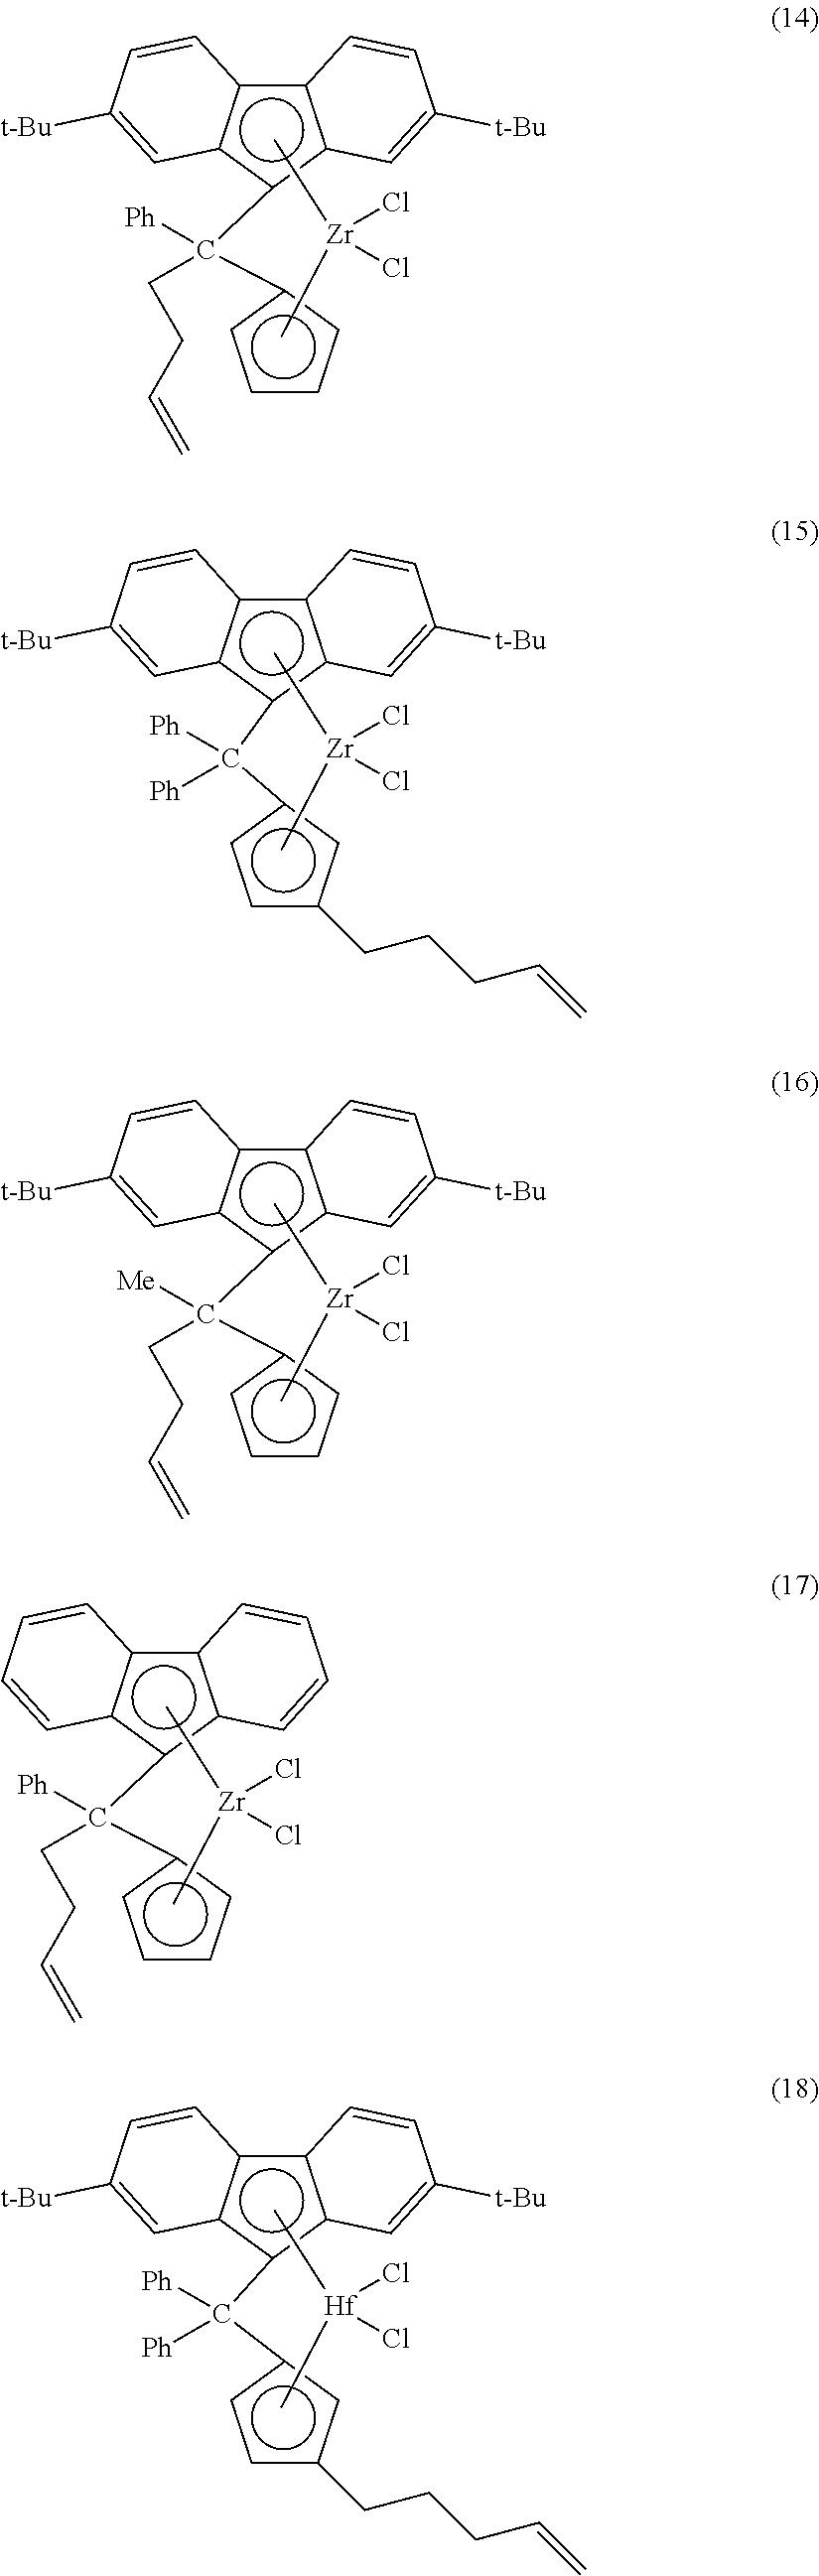 Figure US09181370-20151110-C00006